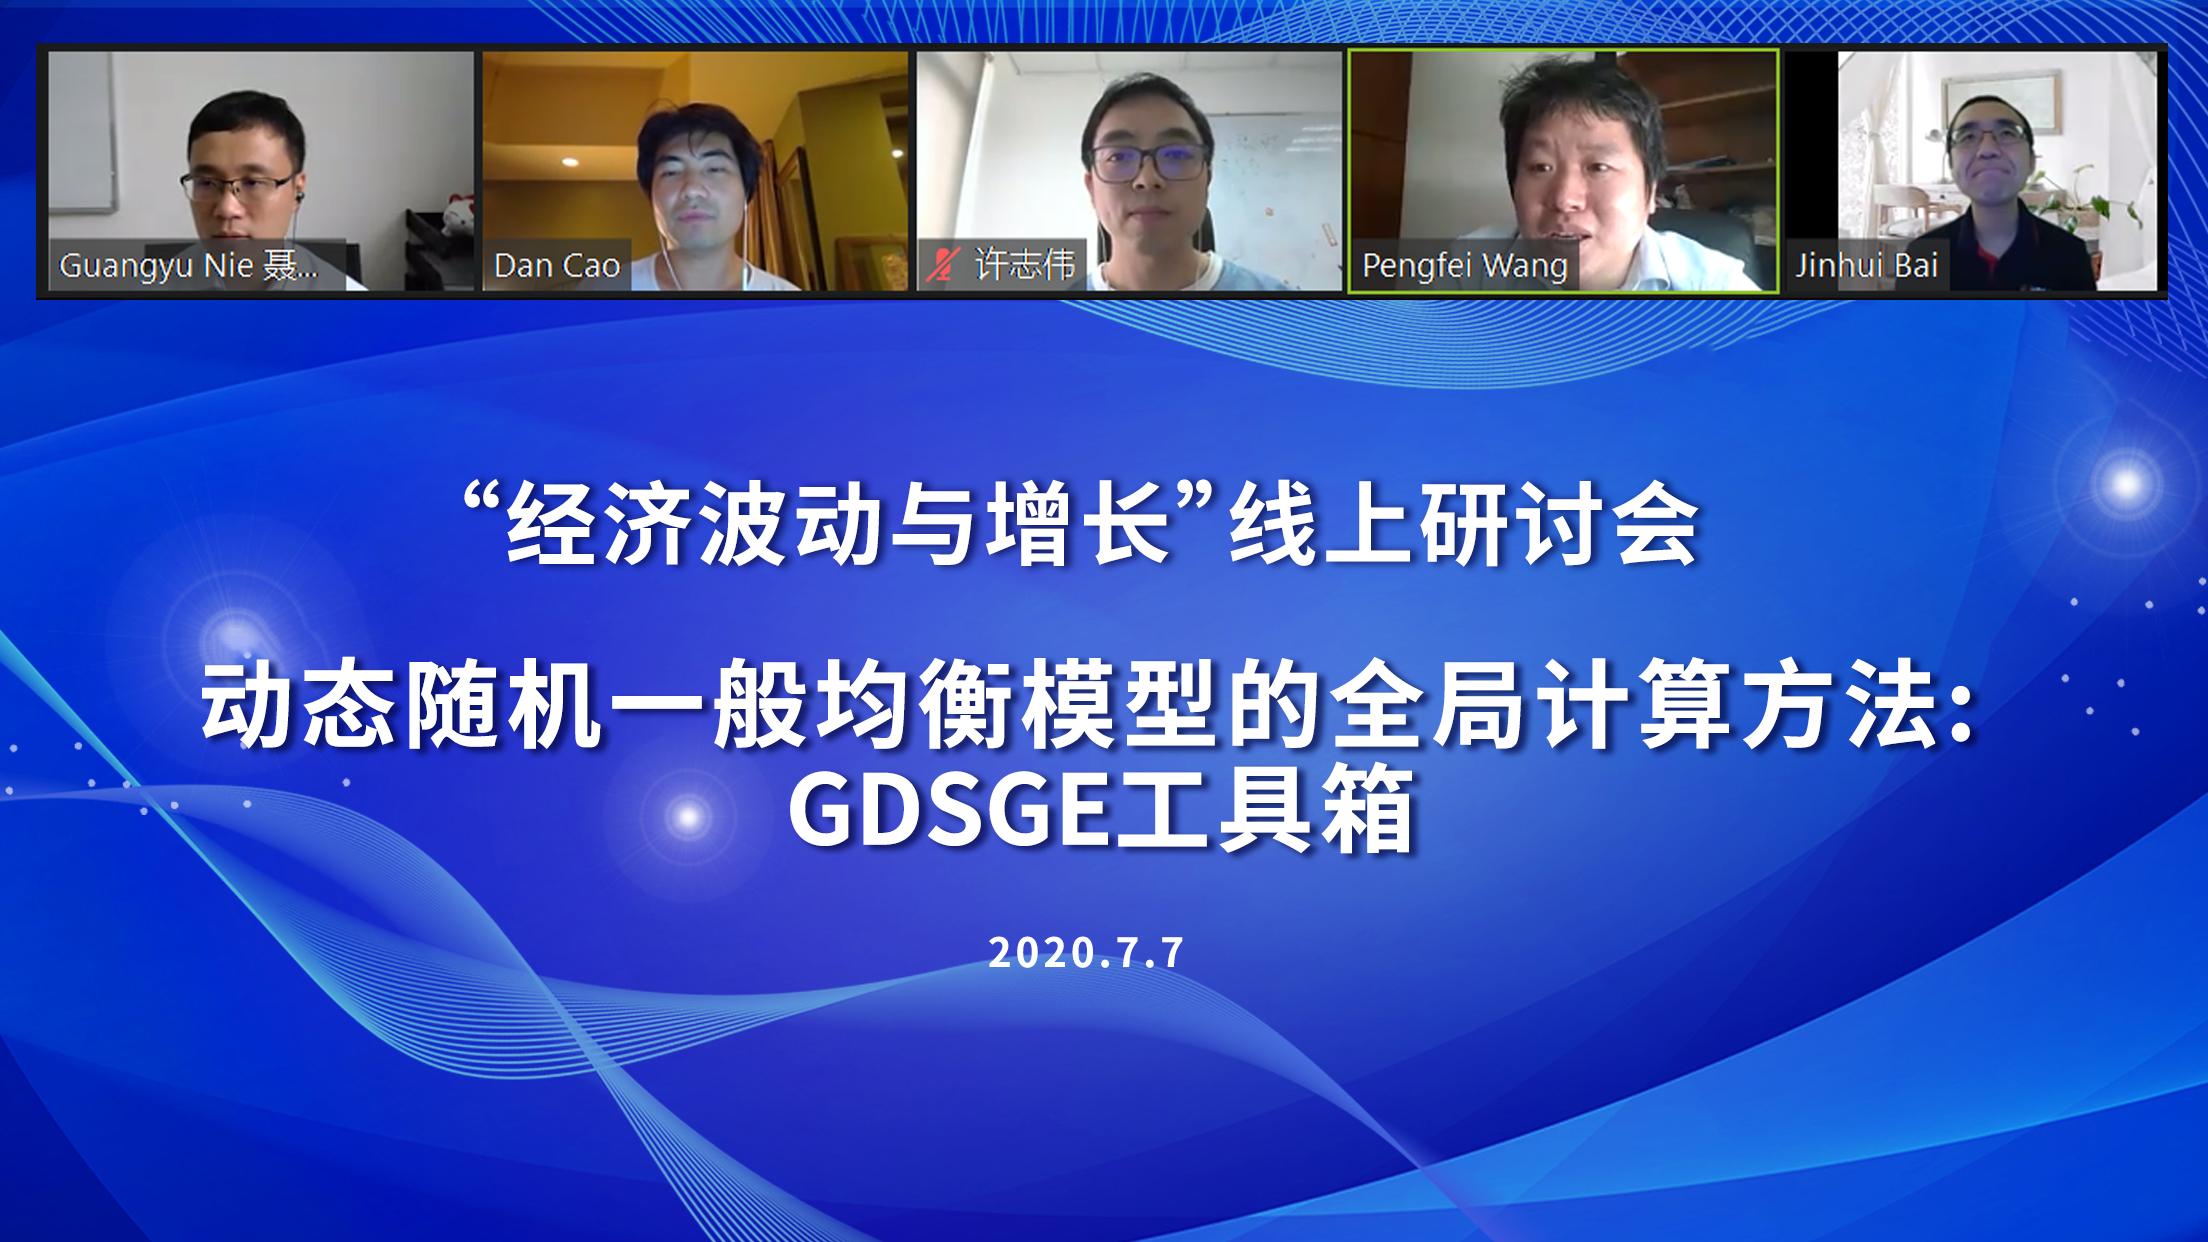 """第二期北大汇丰""""经济波动与增长""""线上研讨会举行,聚焦GDSGE工具箱"""